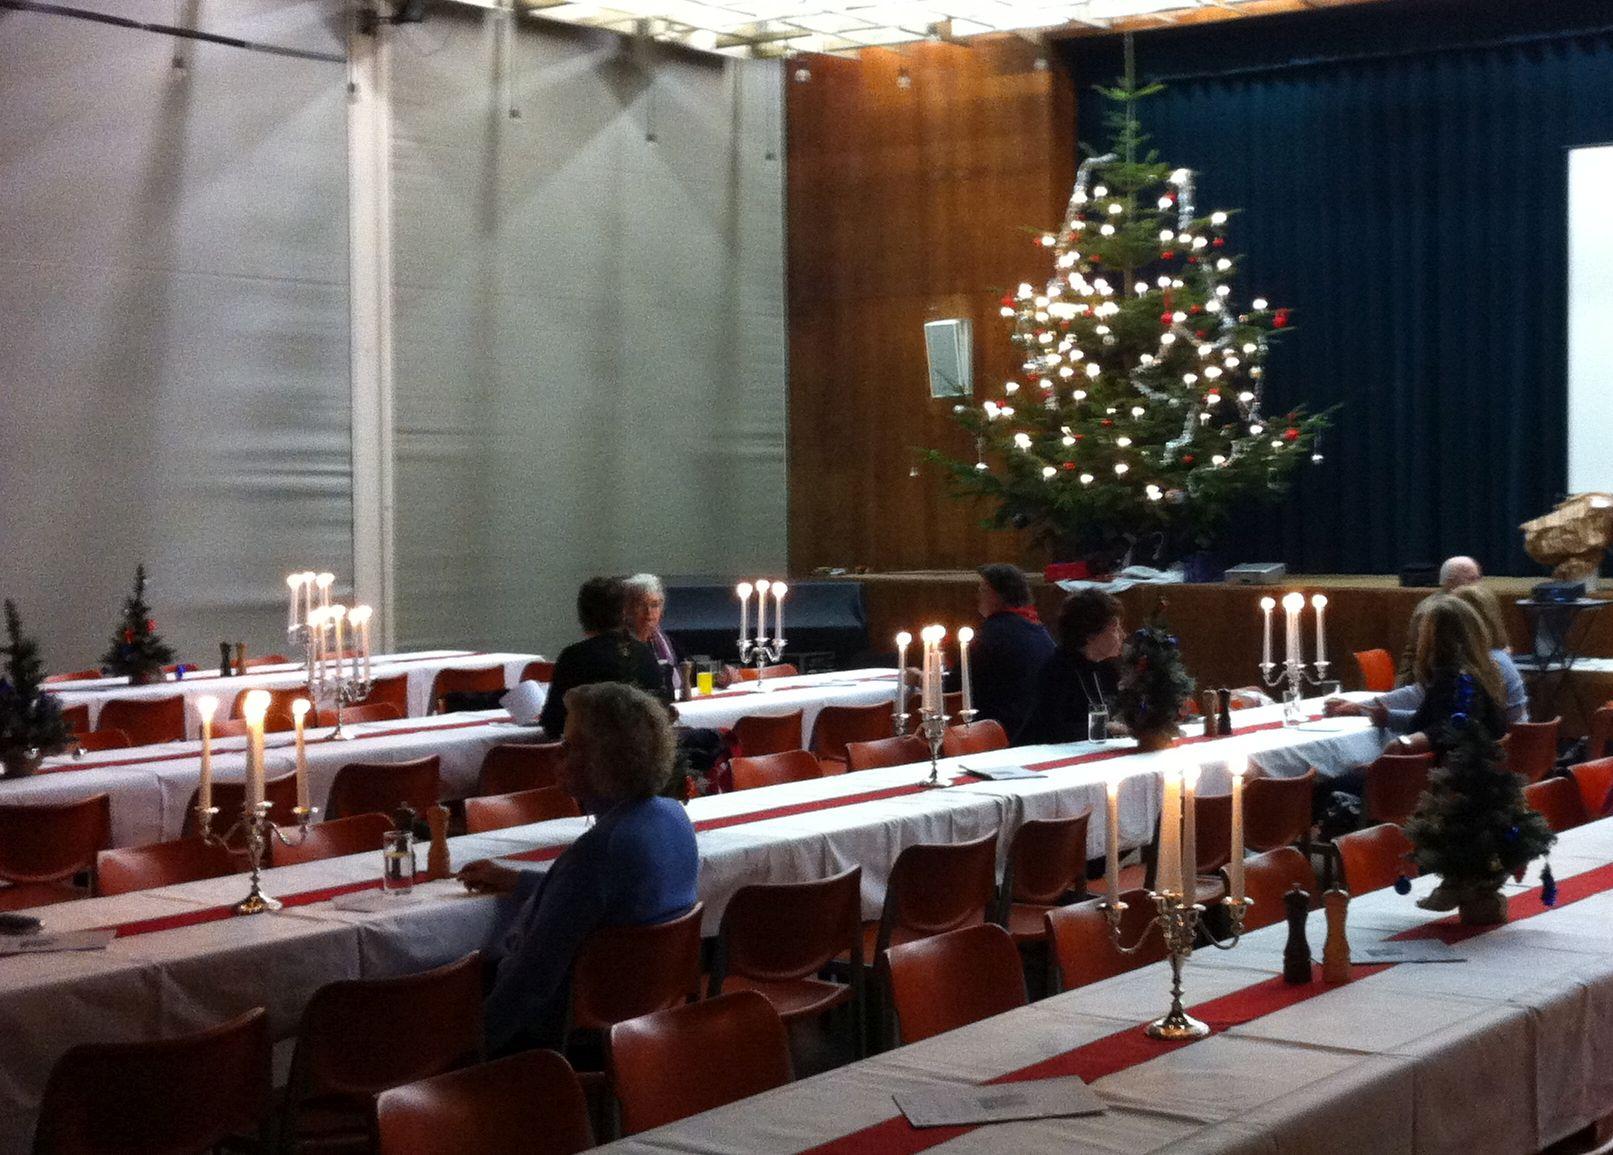 Weihnachtsevent Dekoration einer kompletten Veranstaltungshalle